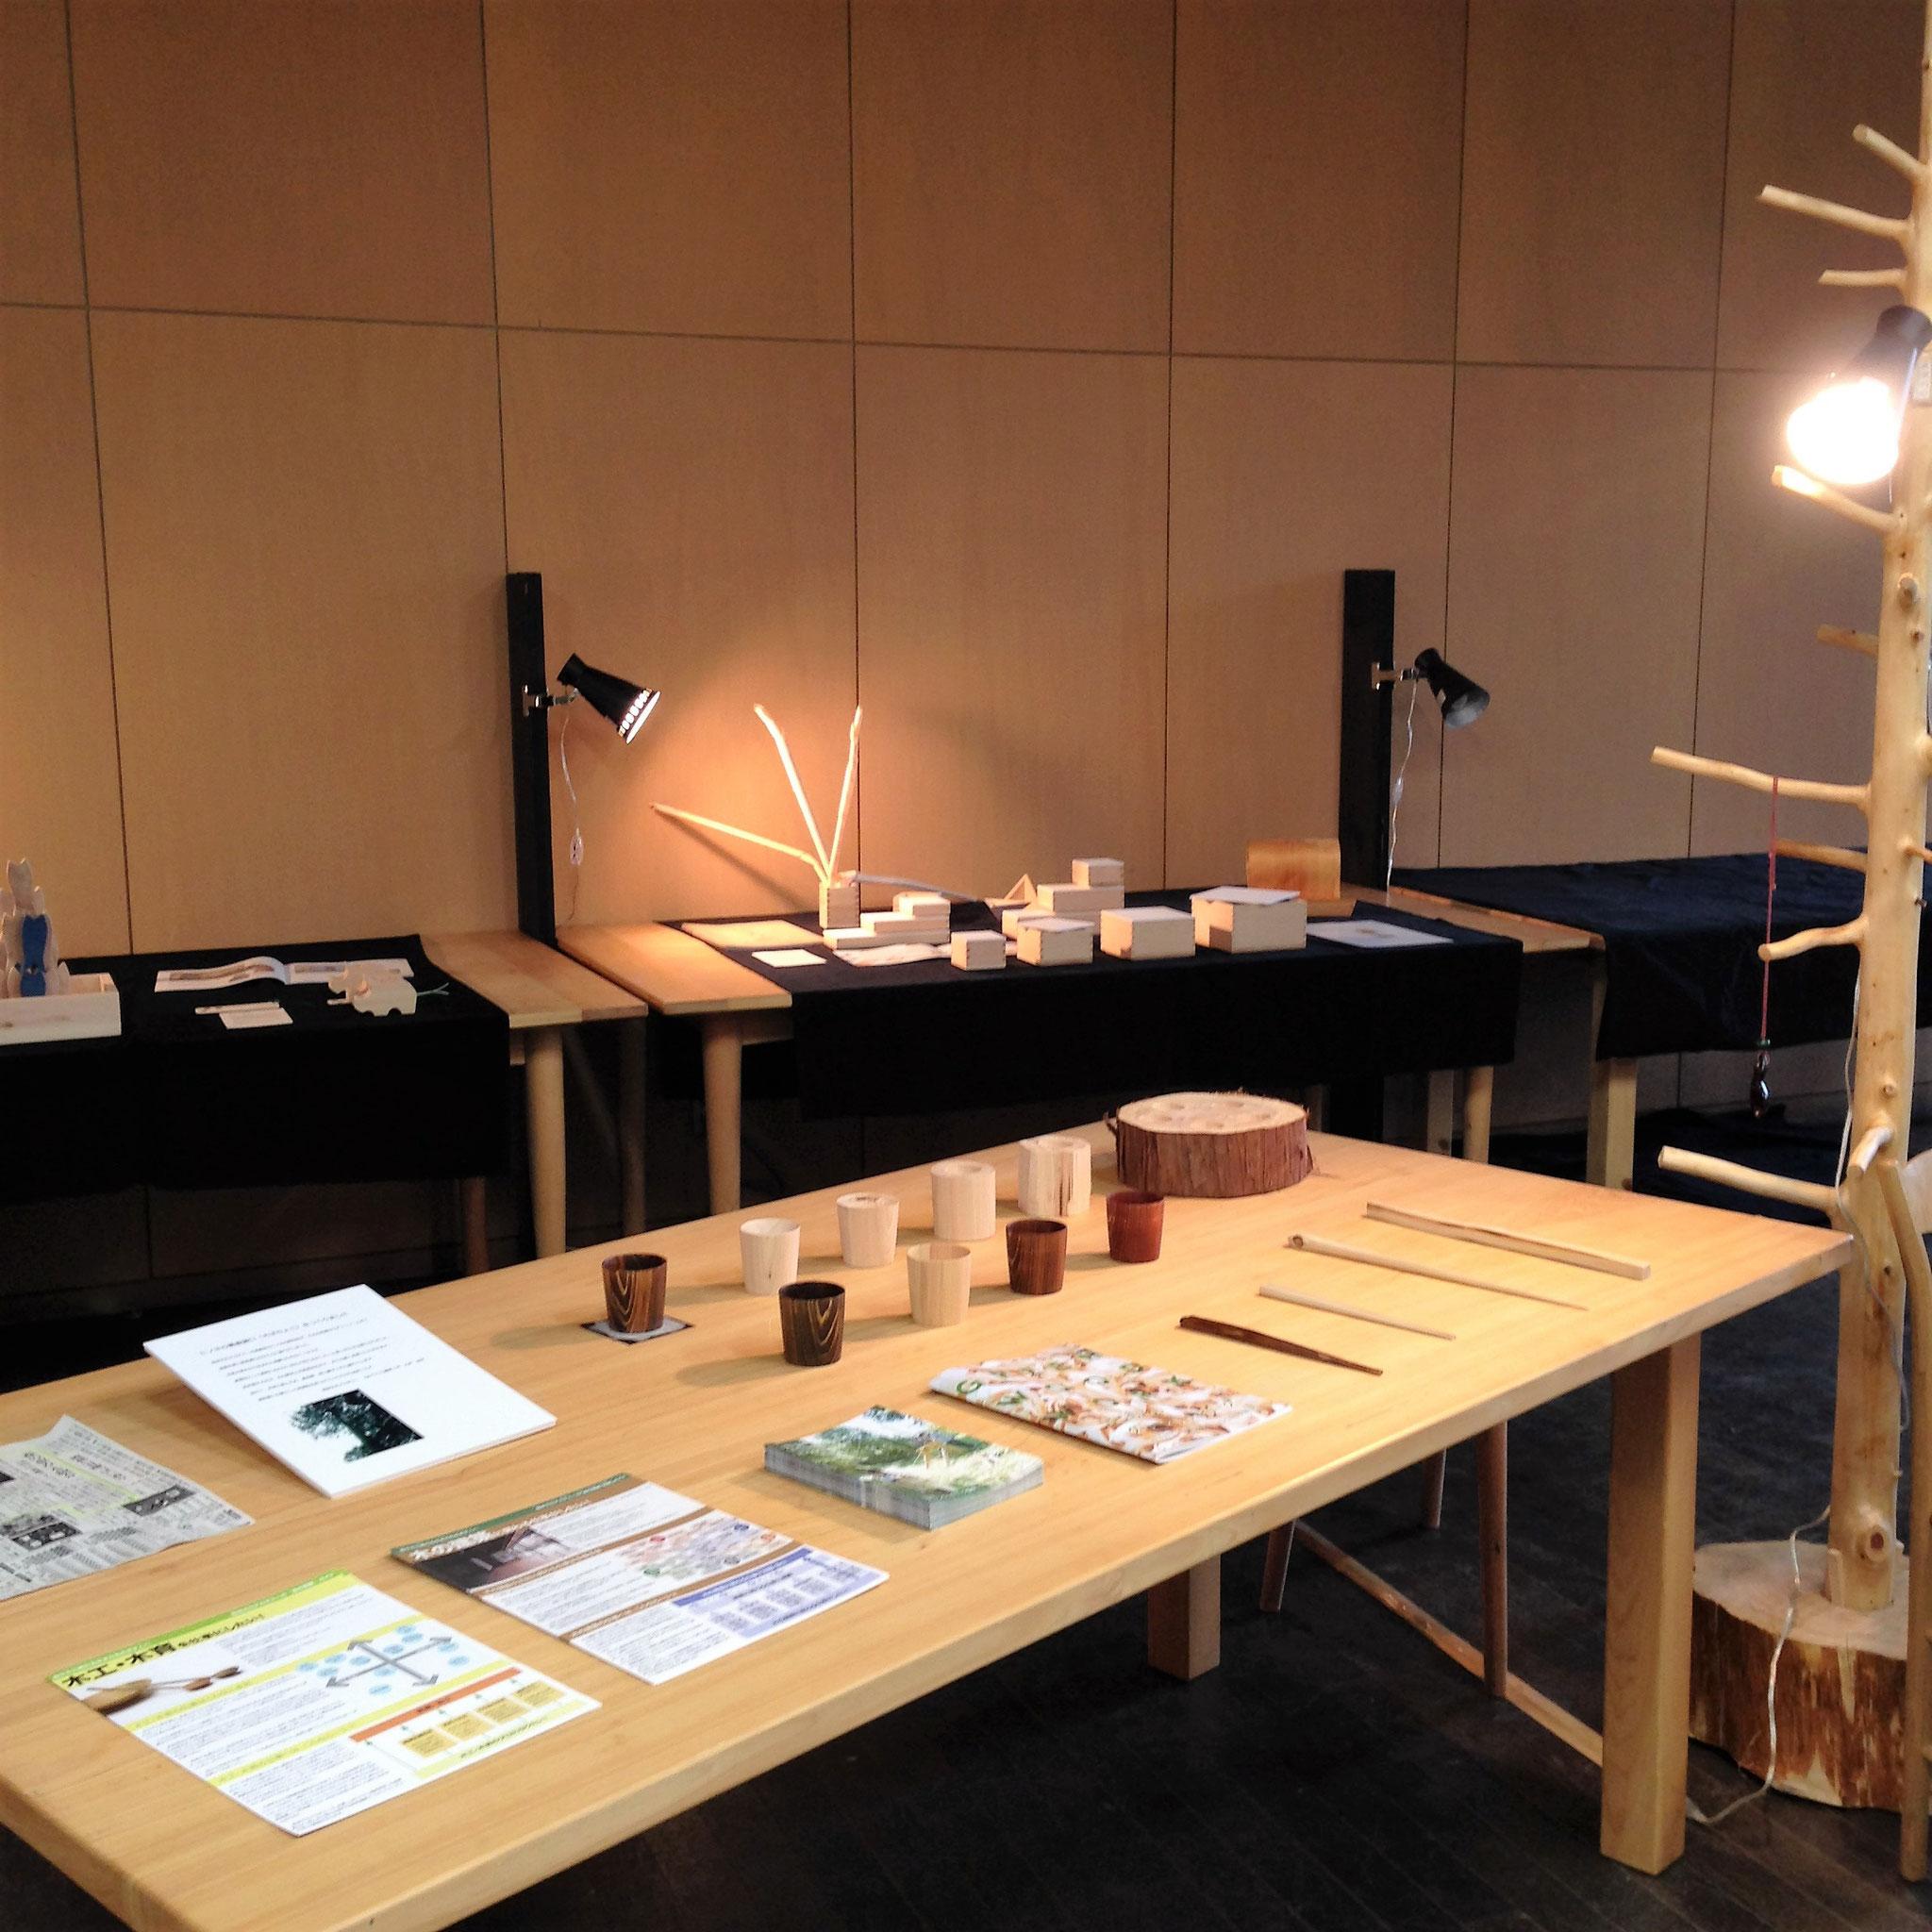 岐阜県立森林文化アカデミーに在学中の展示会